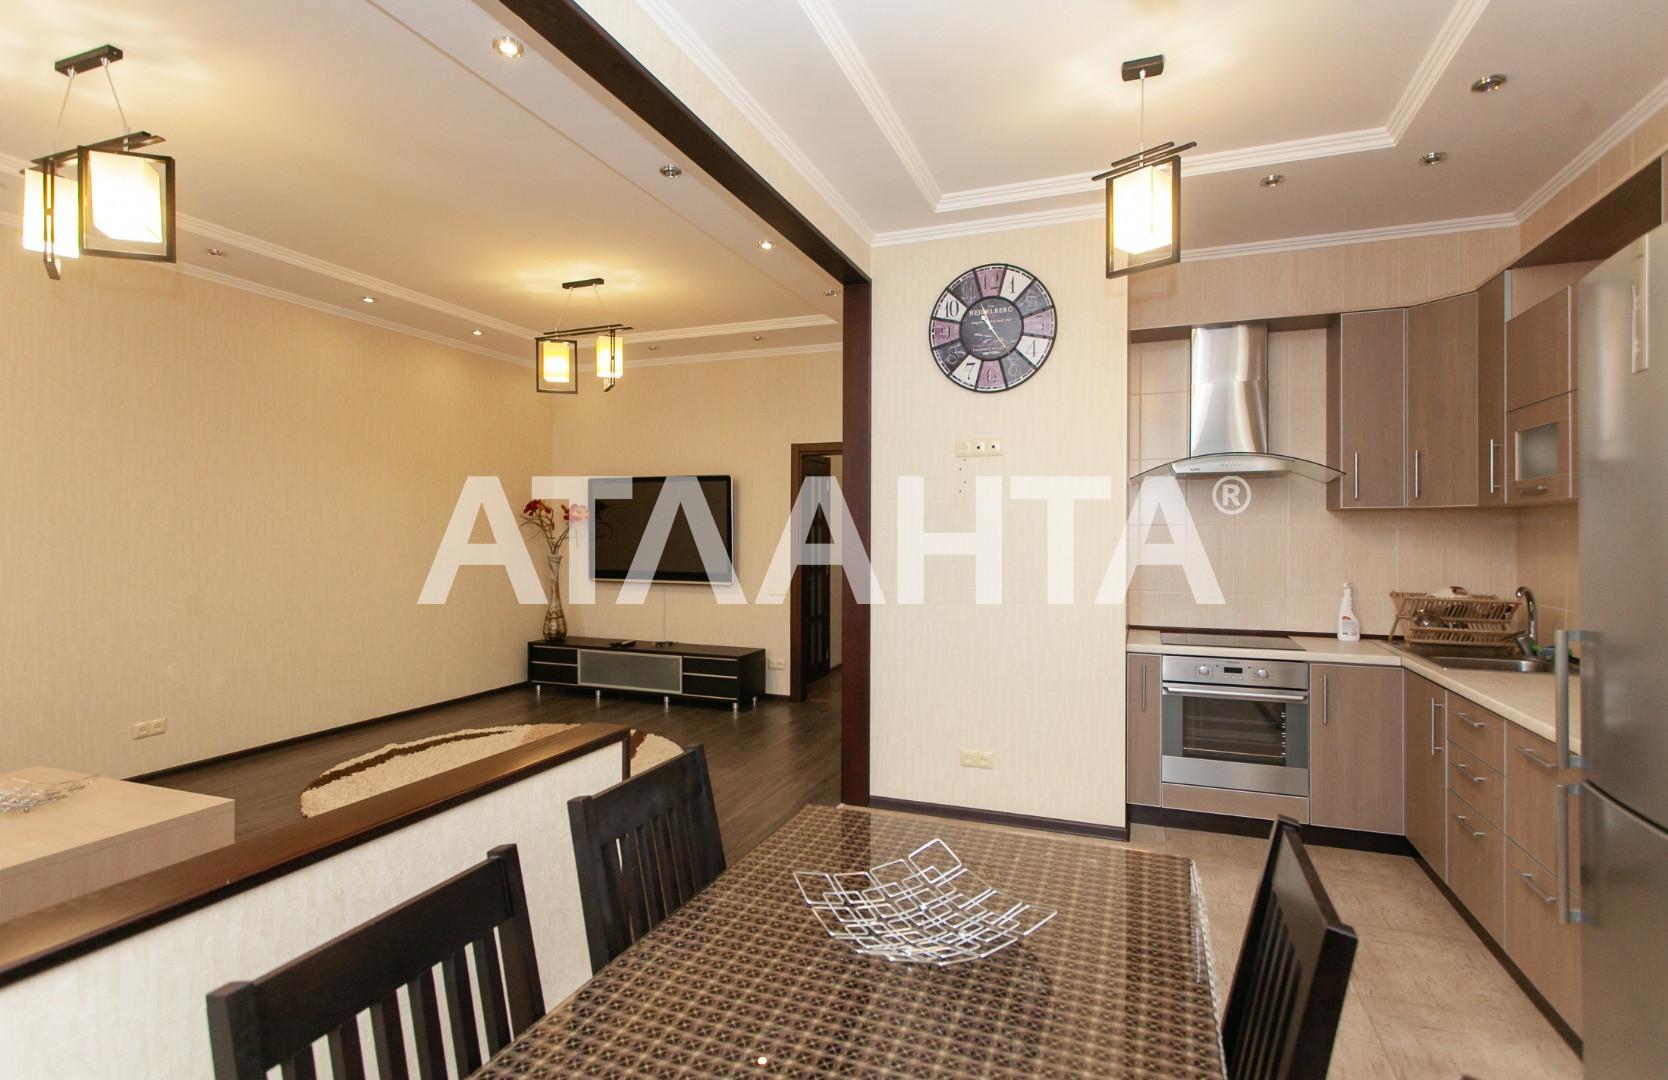 Сдается 3-комнатная Квартира на ул. Базарная (Кирова) — 700 у.е./мес. (фото №6)